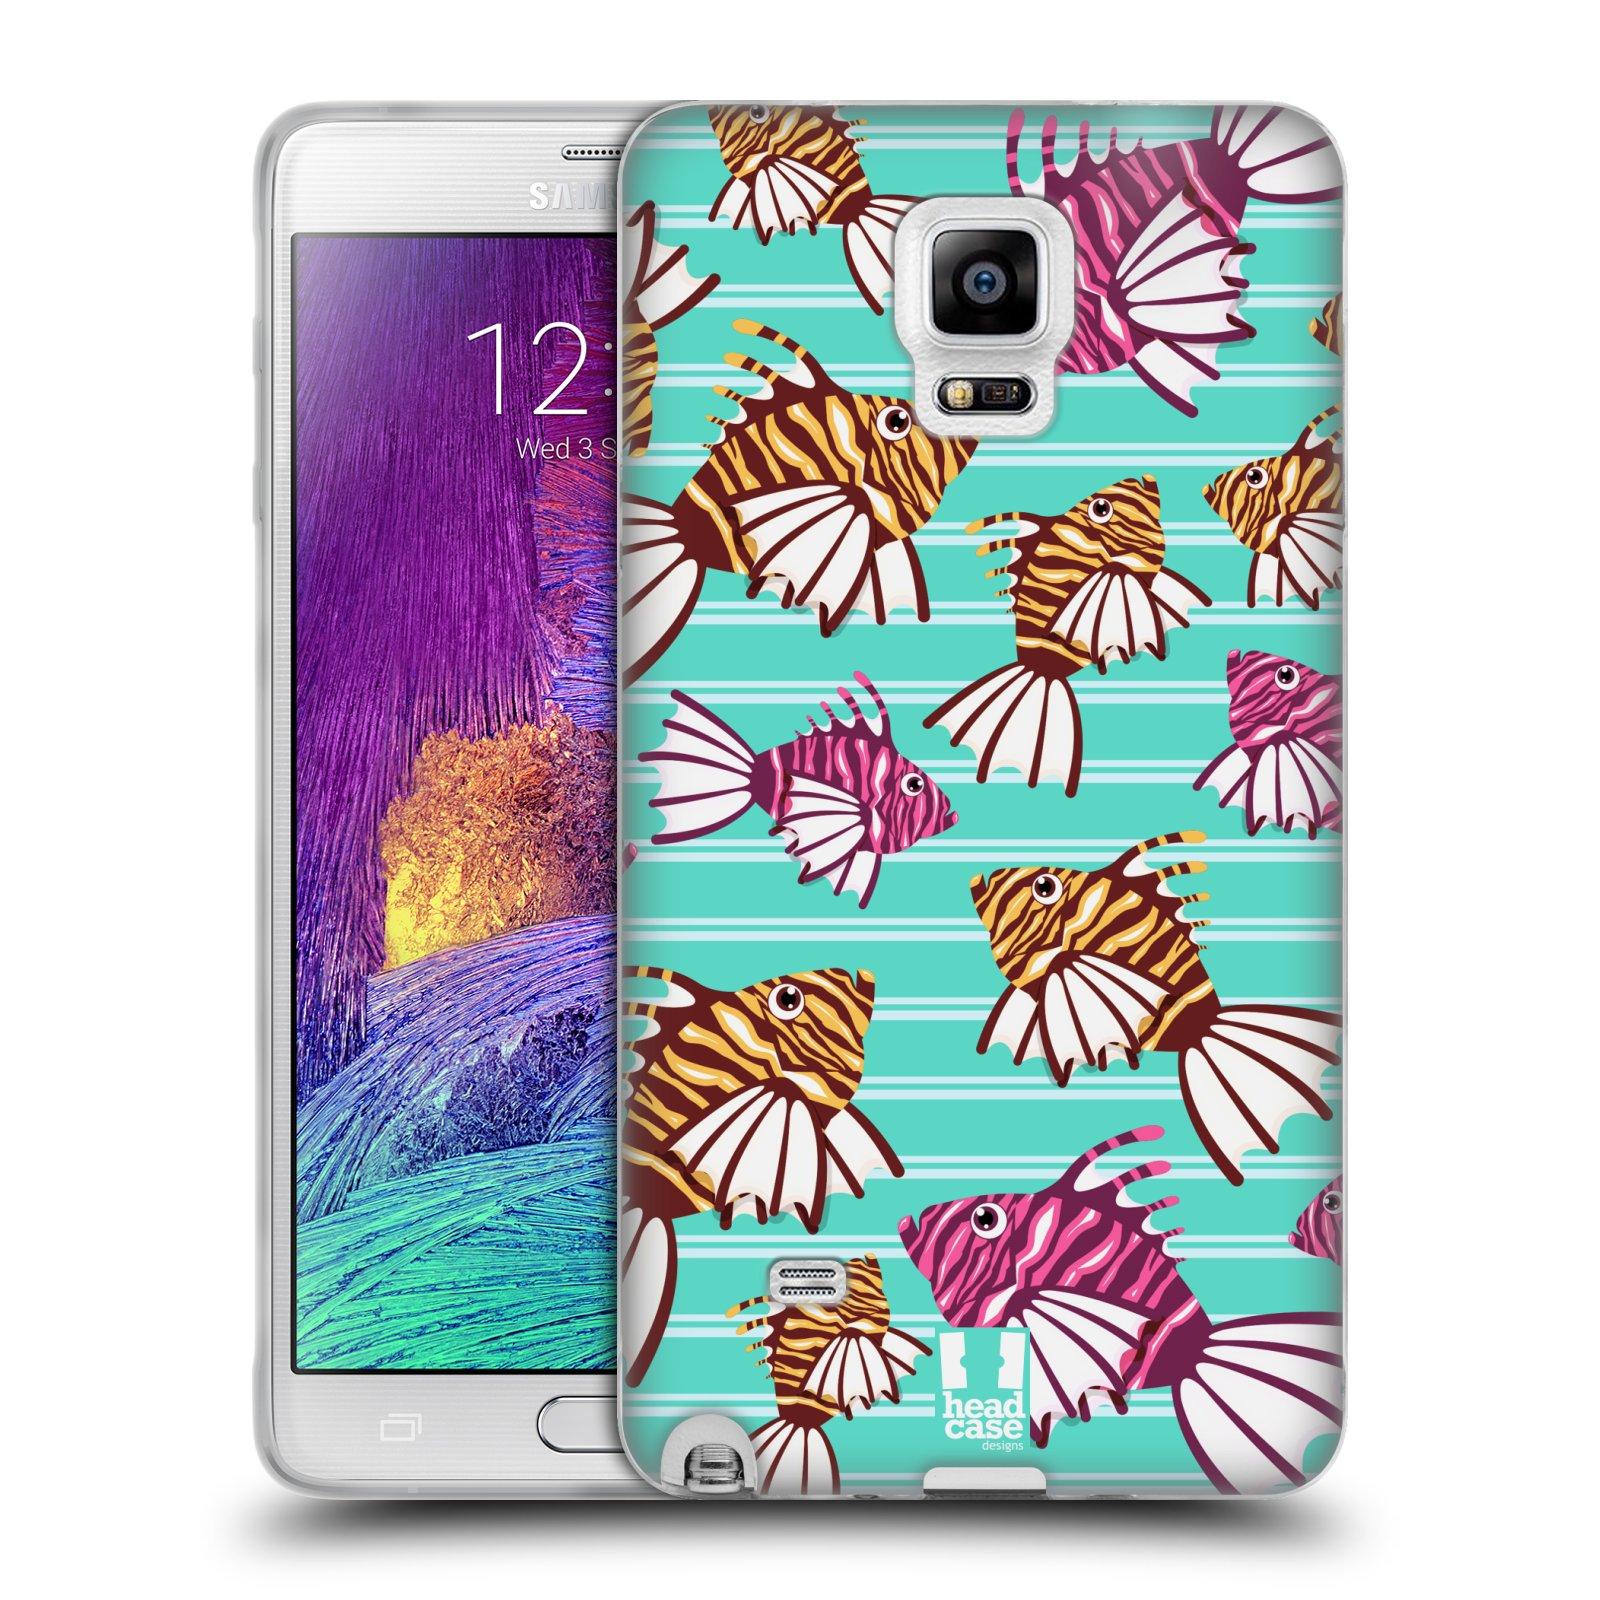 HEAD CASE silikonový obal na mobil Samsung Galaxy Note 4 (N910) vzor mořský živočich ryba